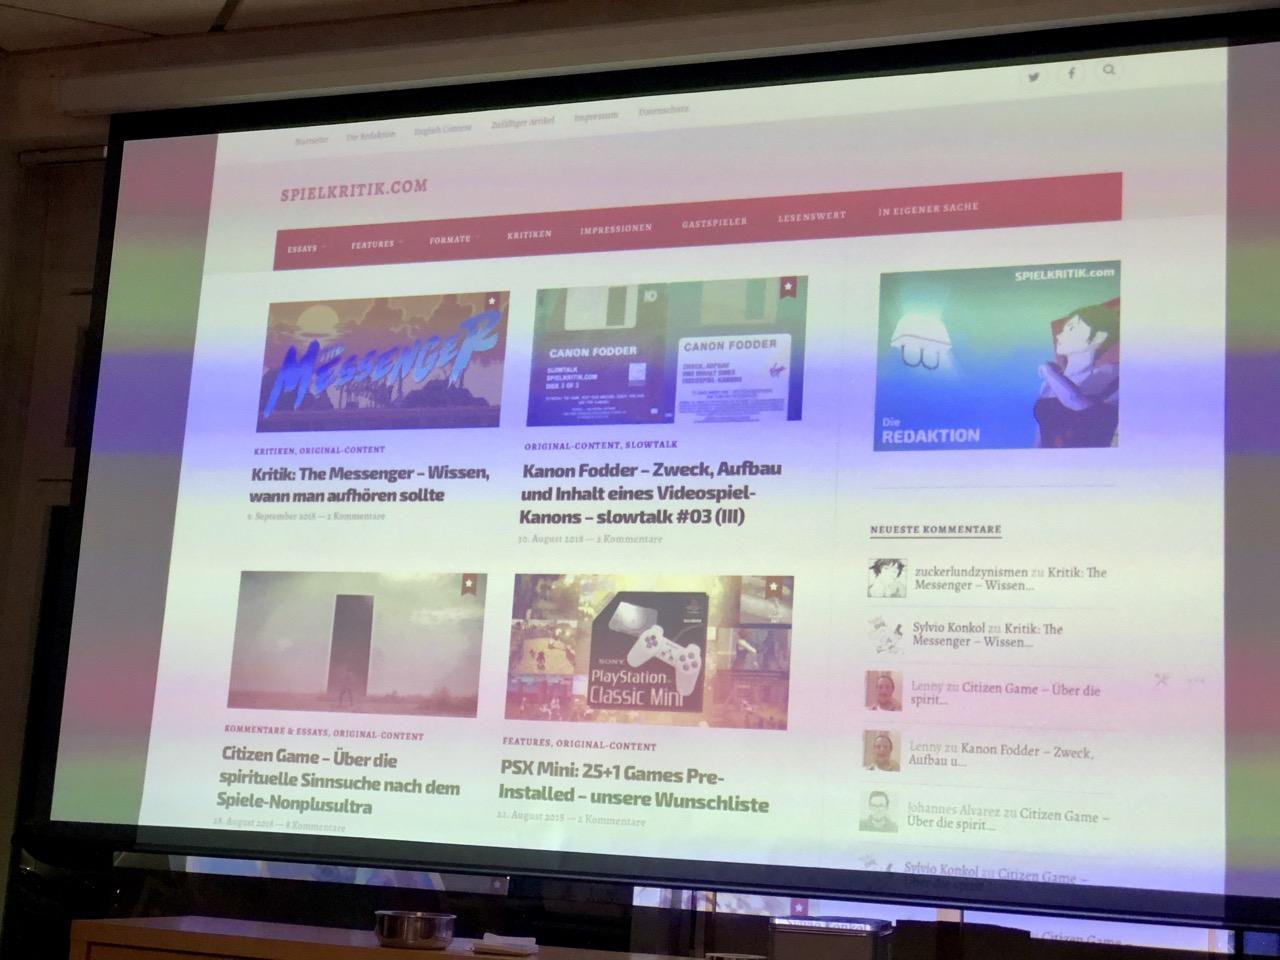 Bei der Blog-Vorstellung von spielkritik.com. (Bild: André Eymann)